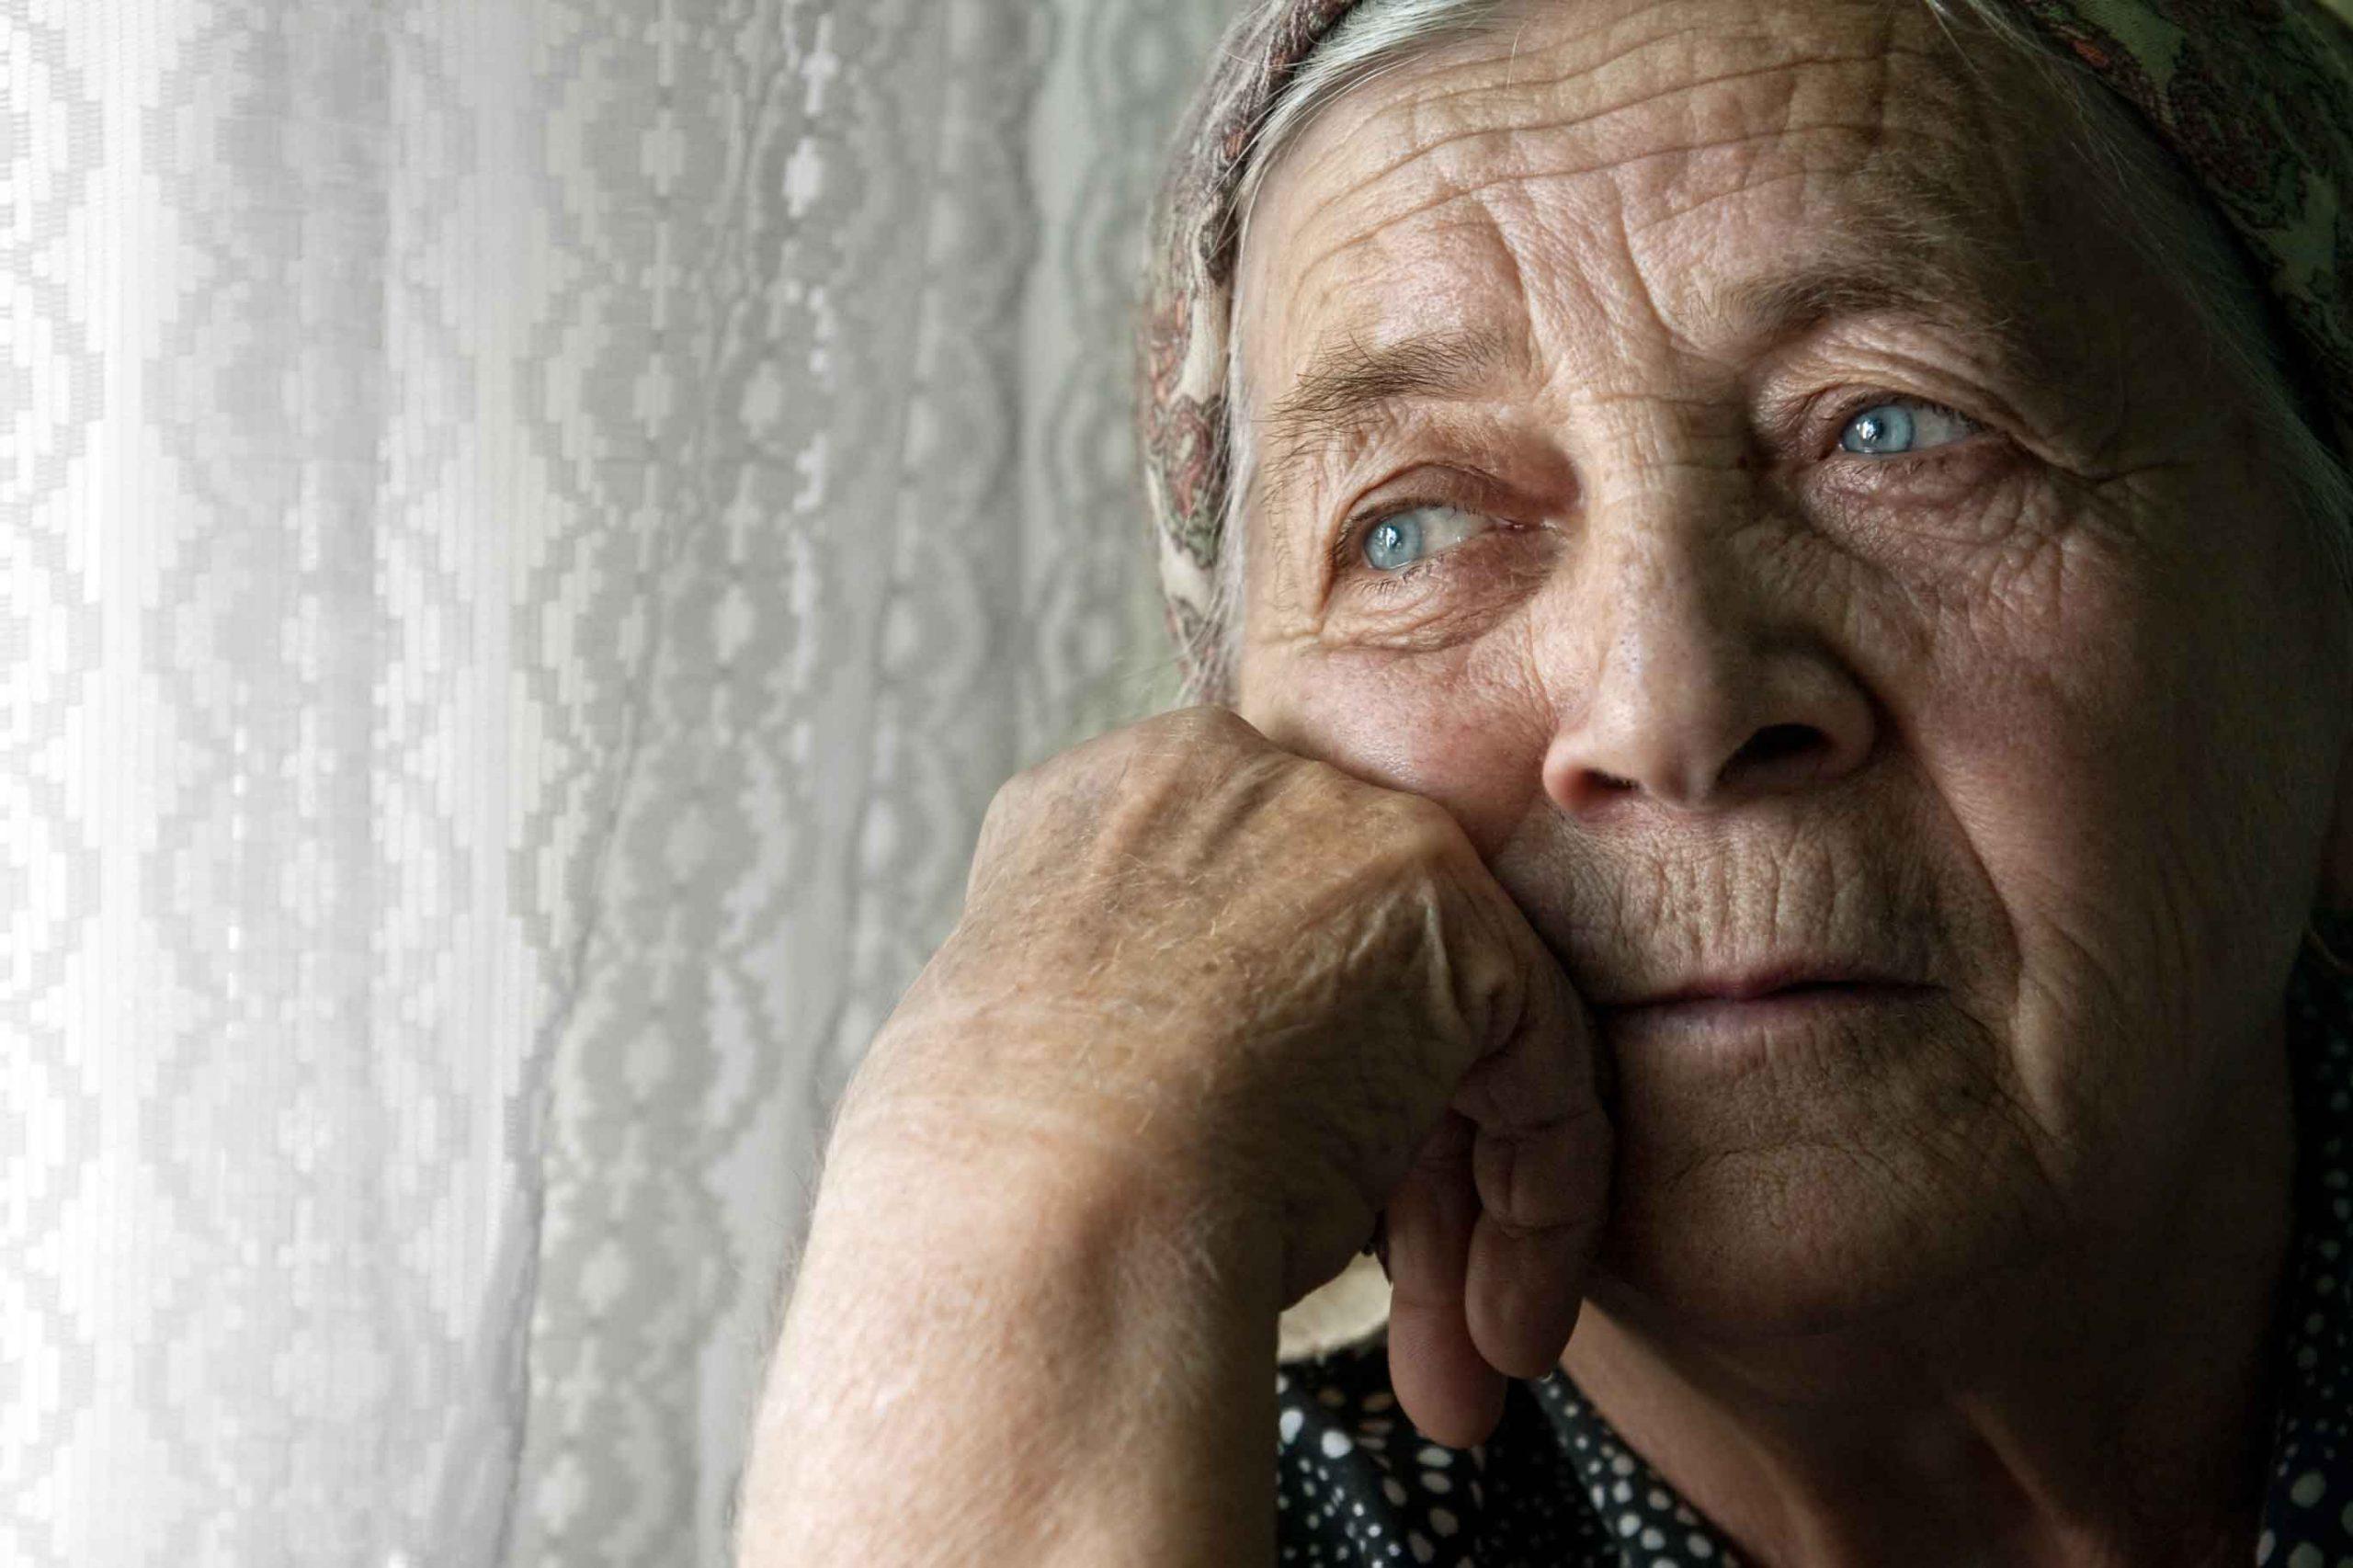 سلامت روان سالمندان در دوران کرونا | مرکز پارسیان مهرپرور